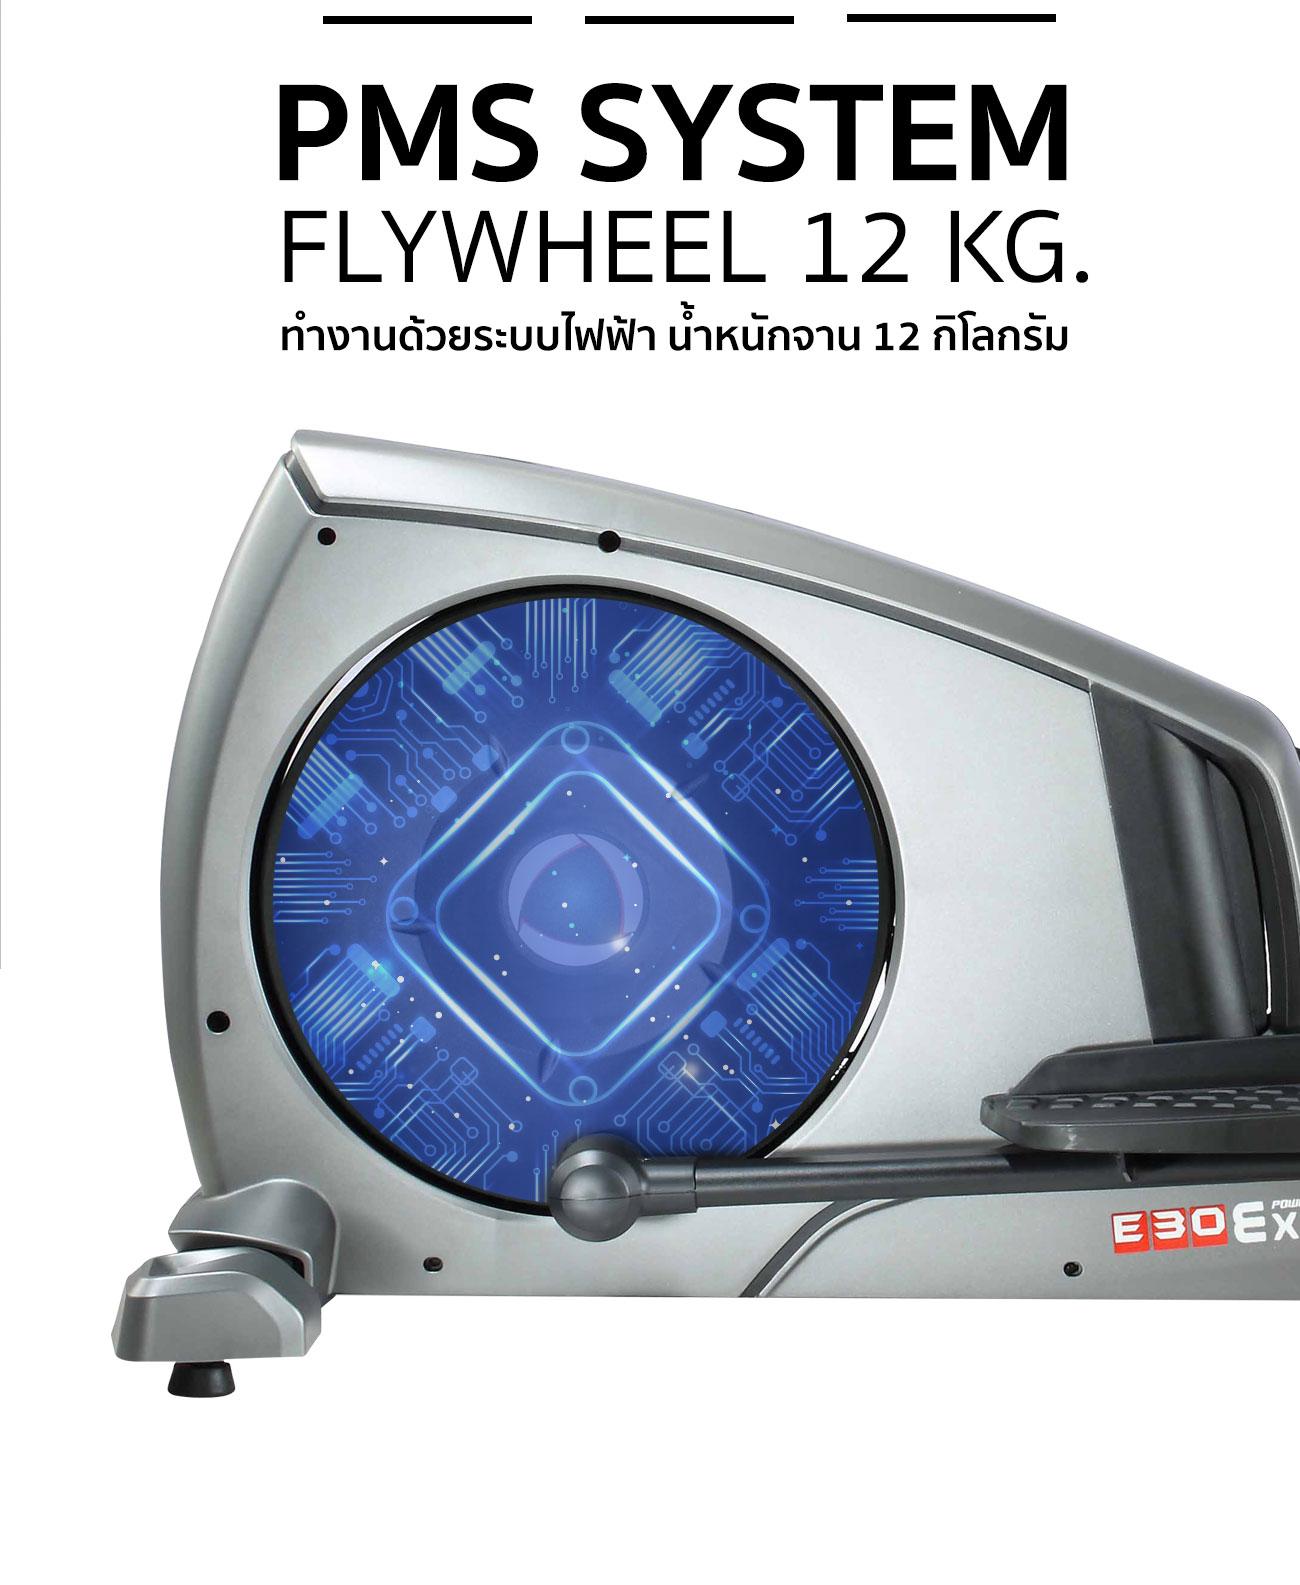 เครื่องเดินวงรี รุ่น E30-ระบบไฟฟ้า น้ำหนักจาน 12 กิโลกรัม